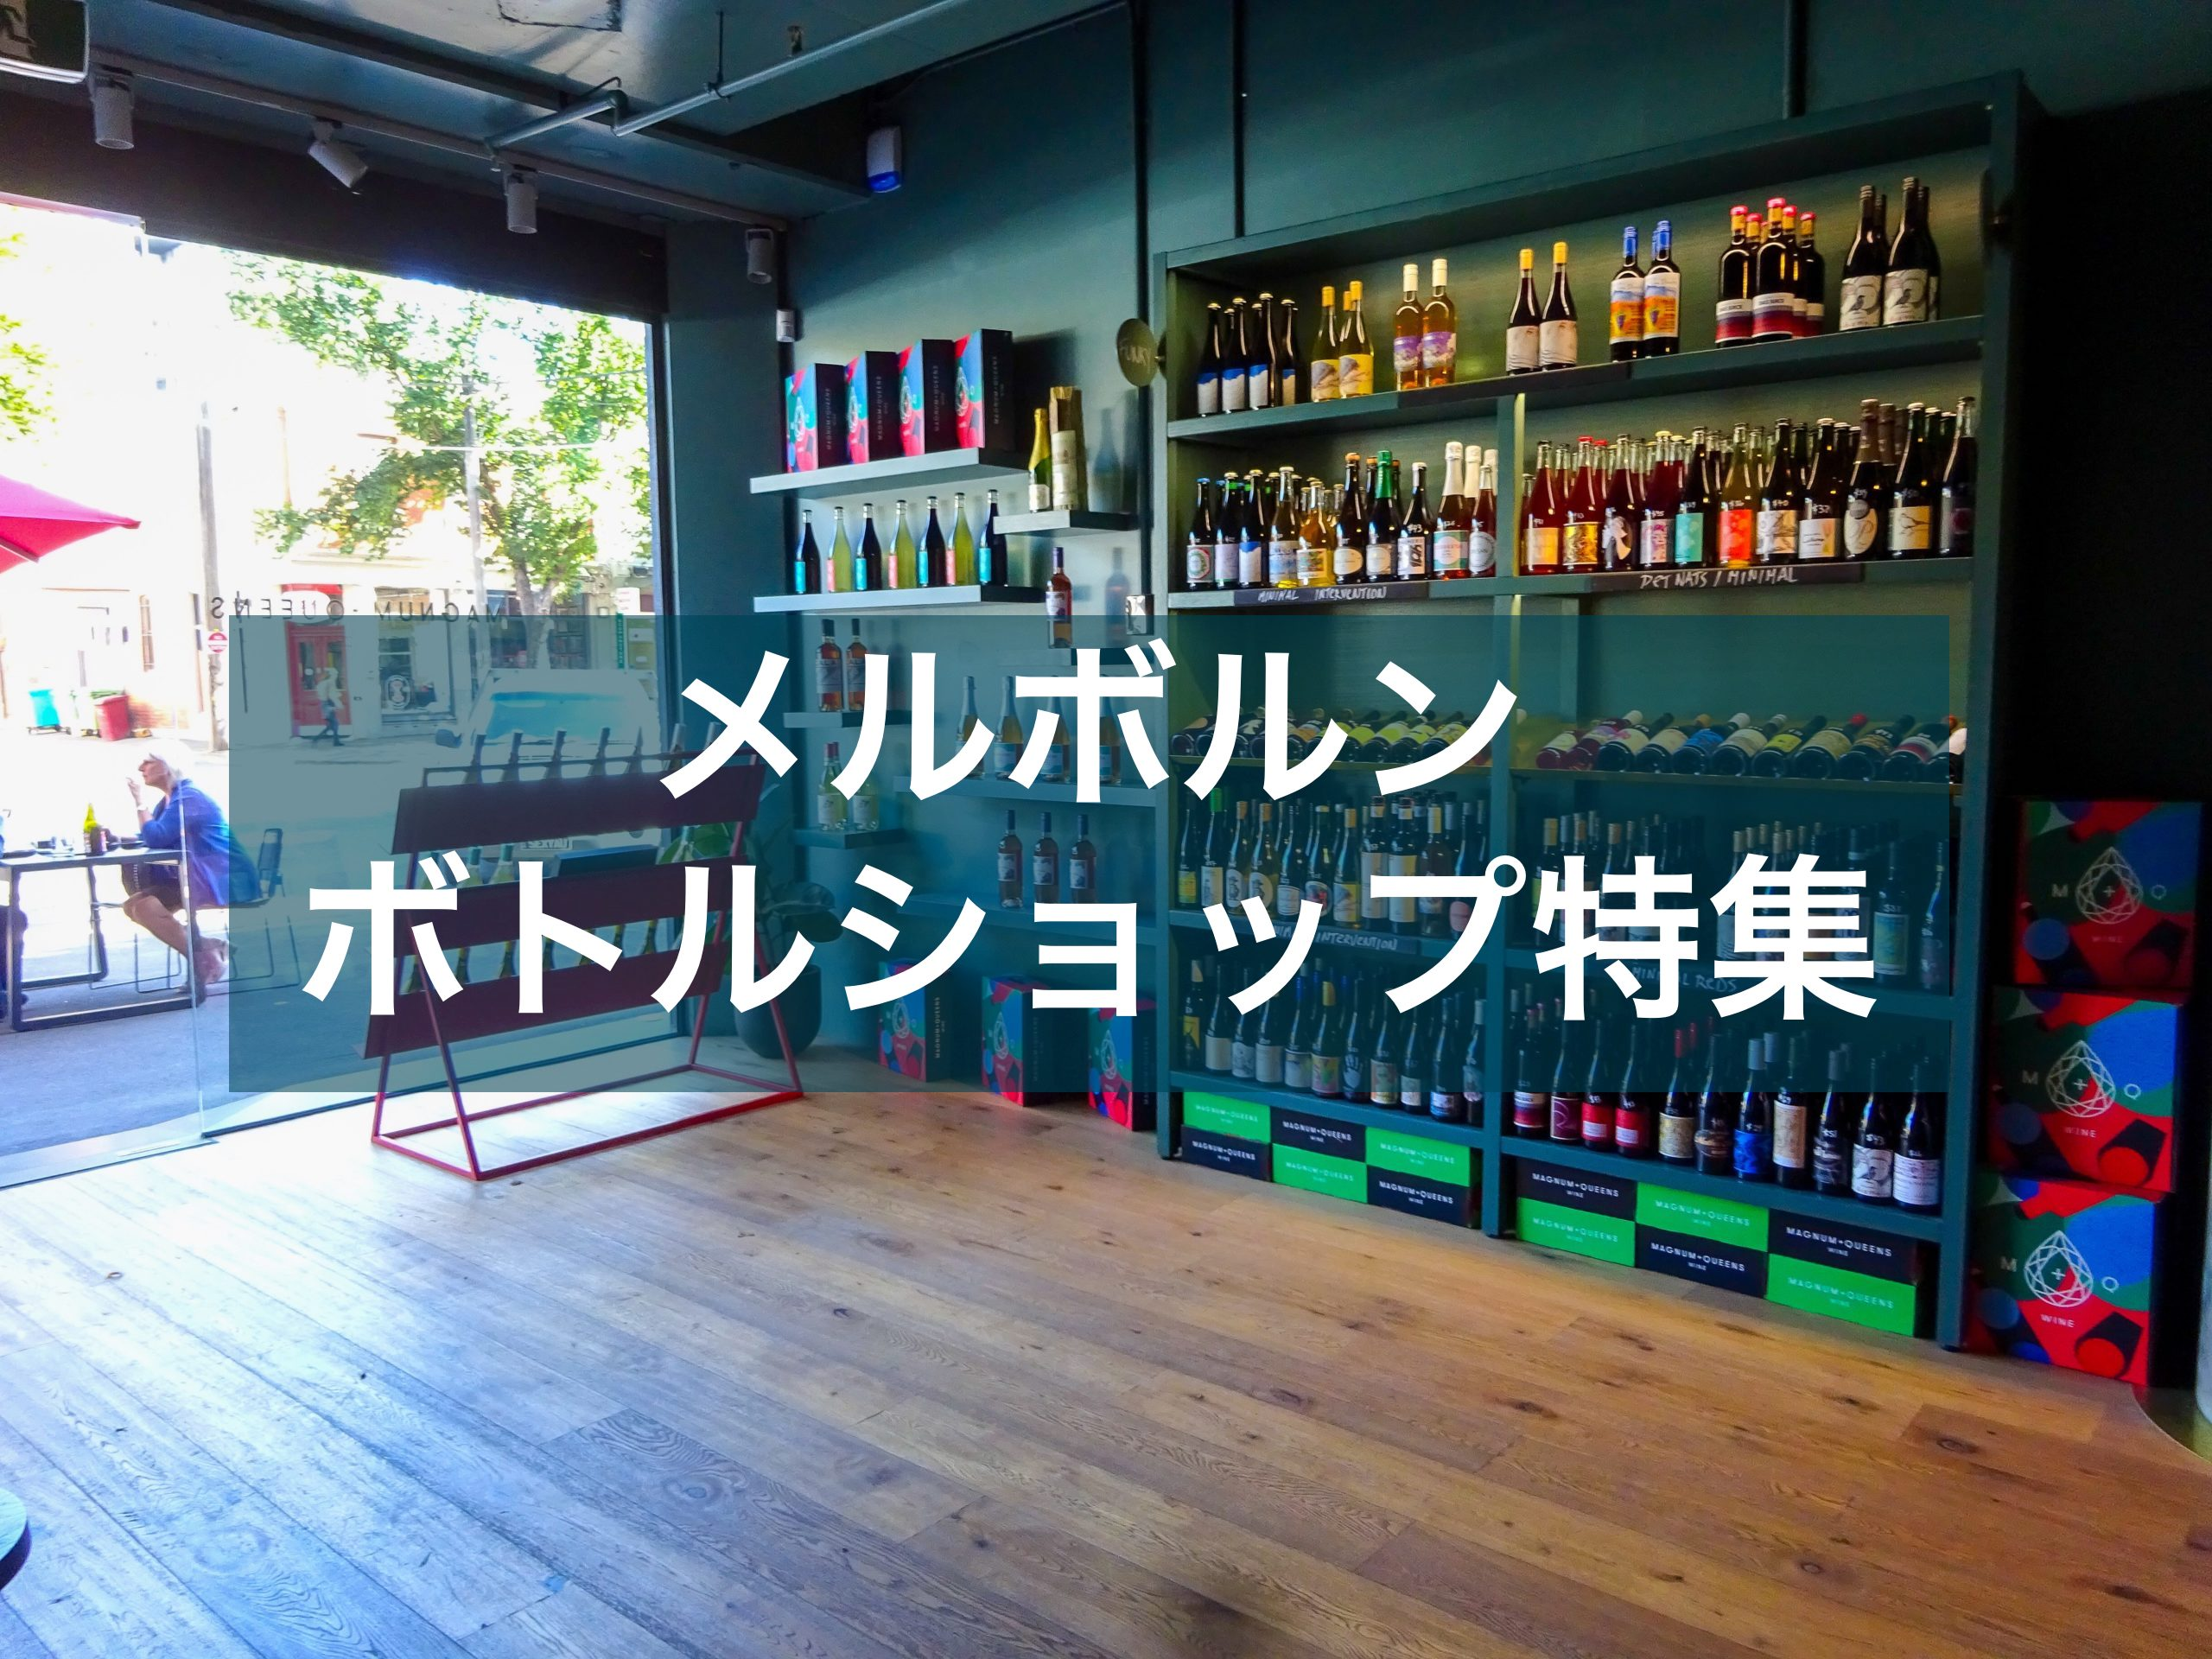 メルボルンおすすめボトルショップ特集|ワイン・クラフトビール専門店多数!